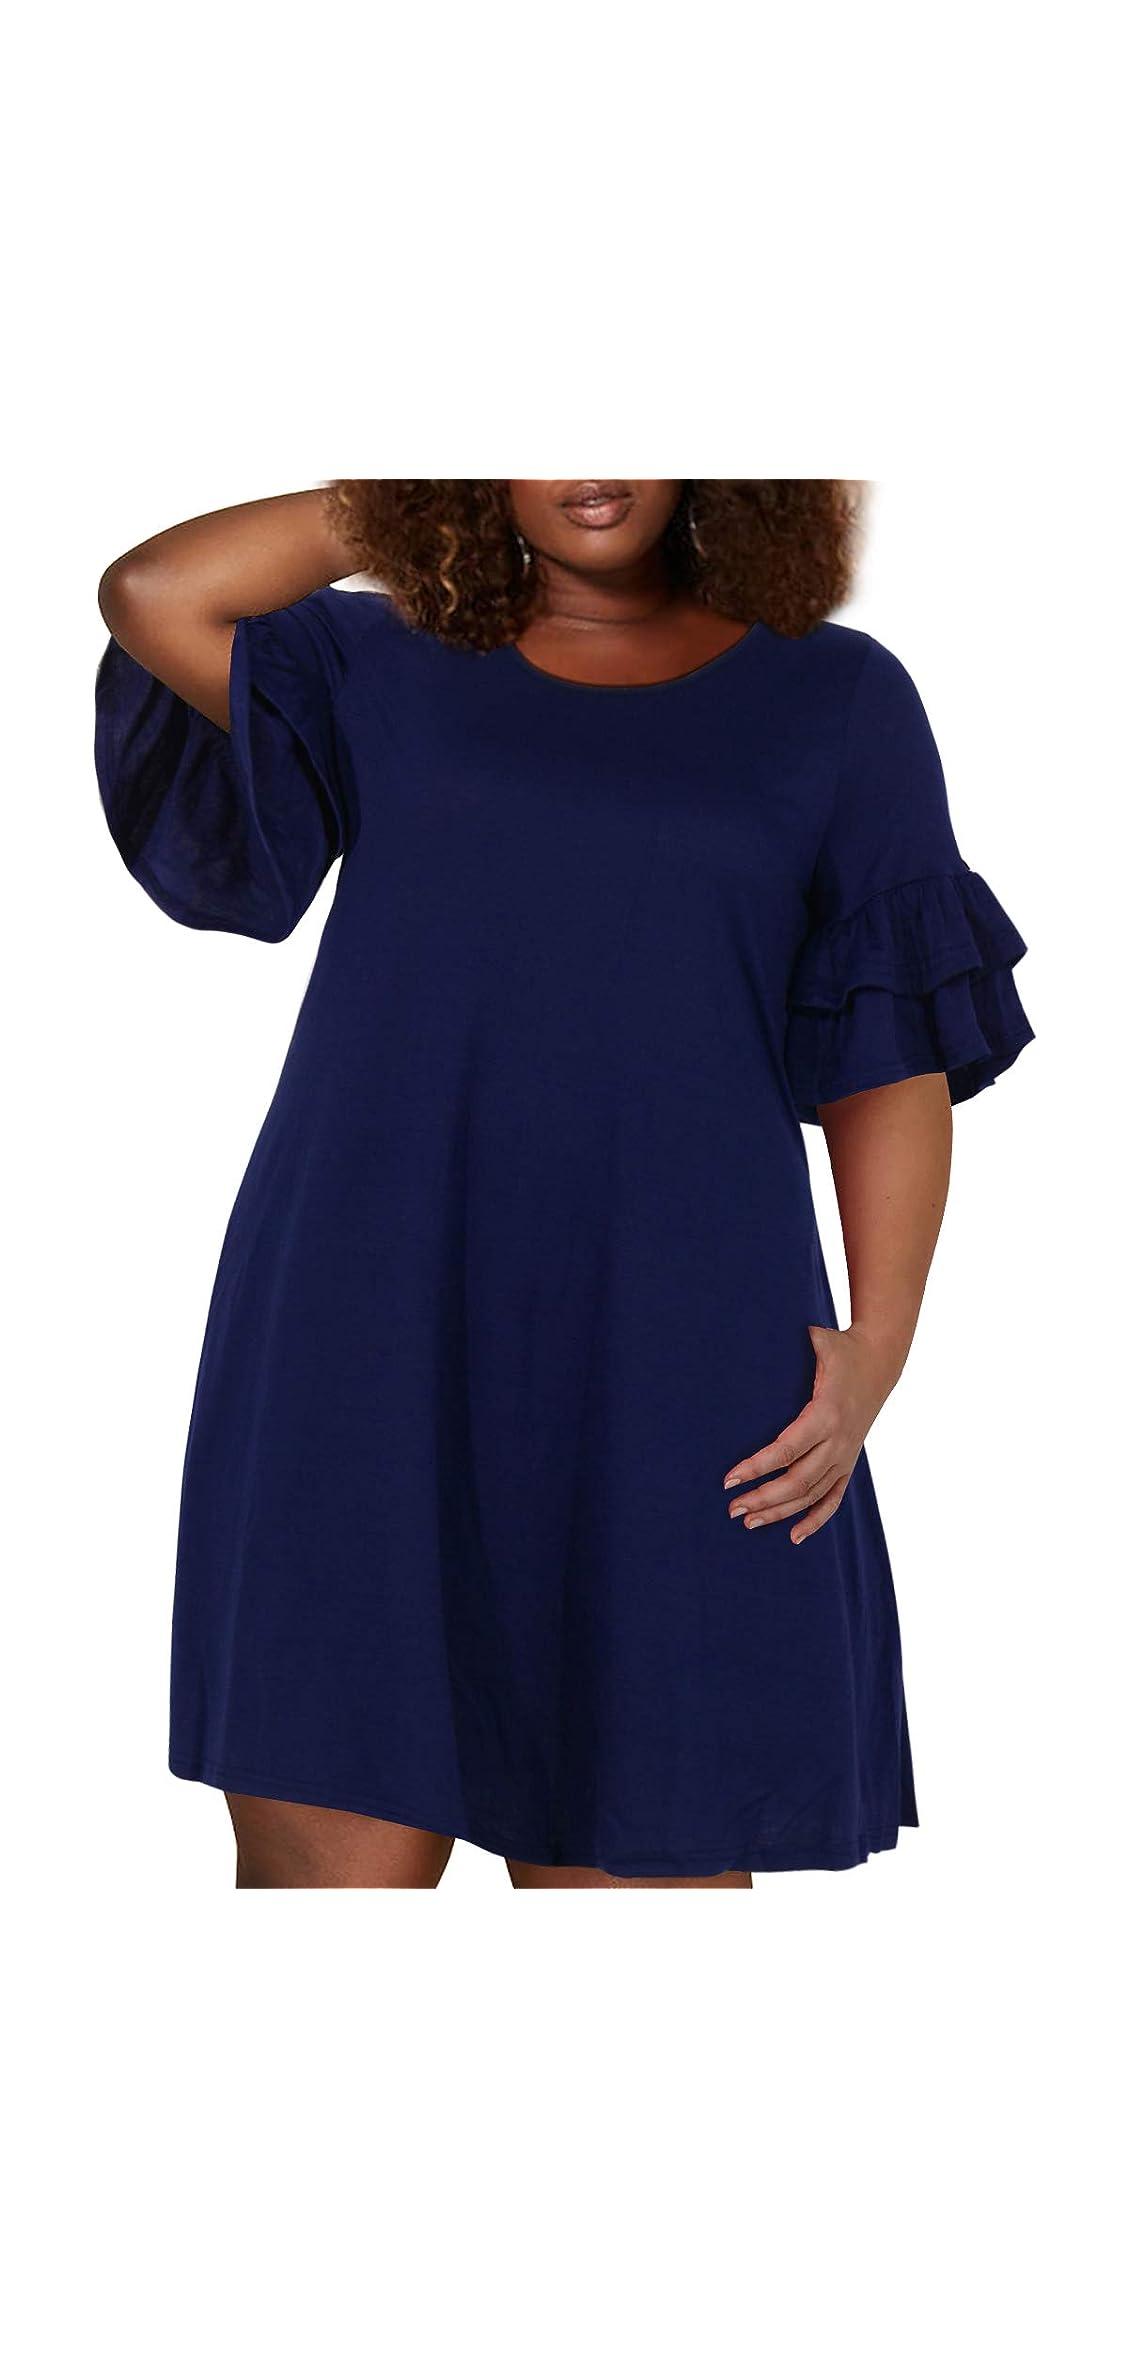 Women's Ruffle Sleeve Jersey Knit Plus Size Casual Swing